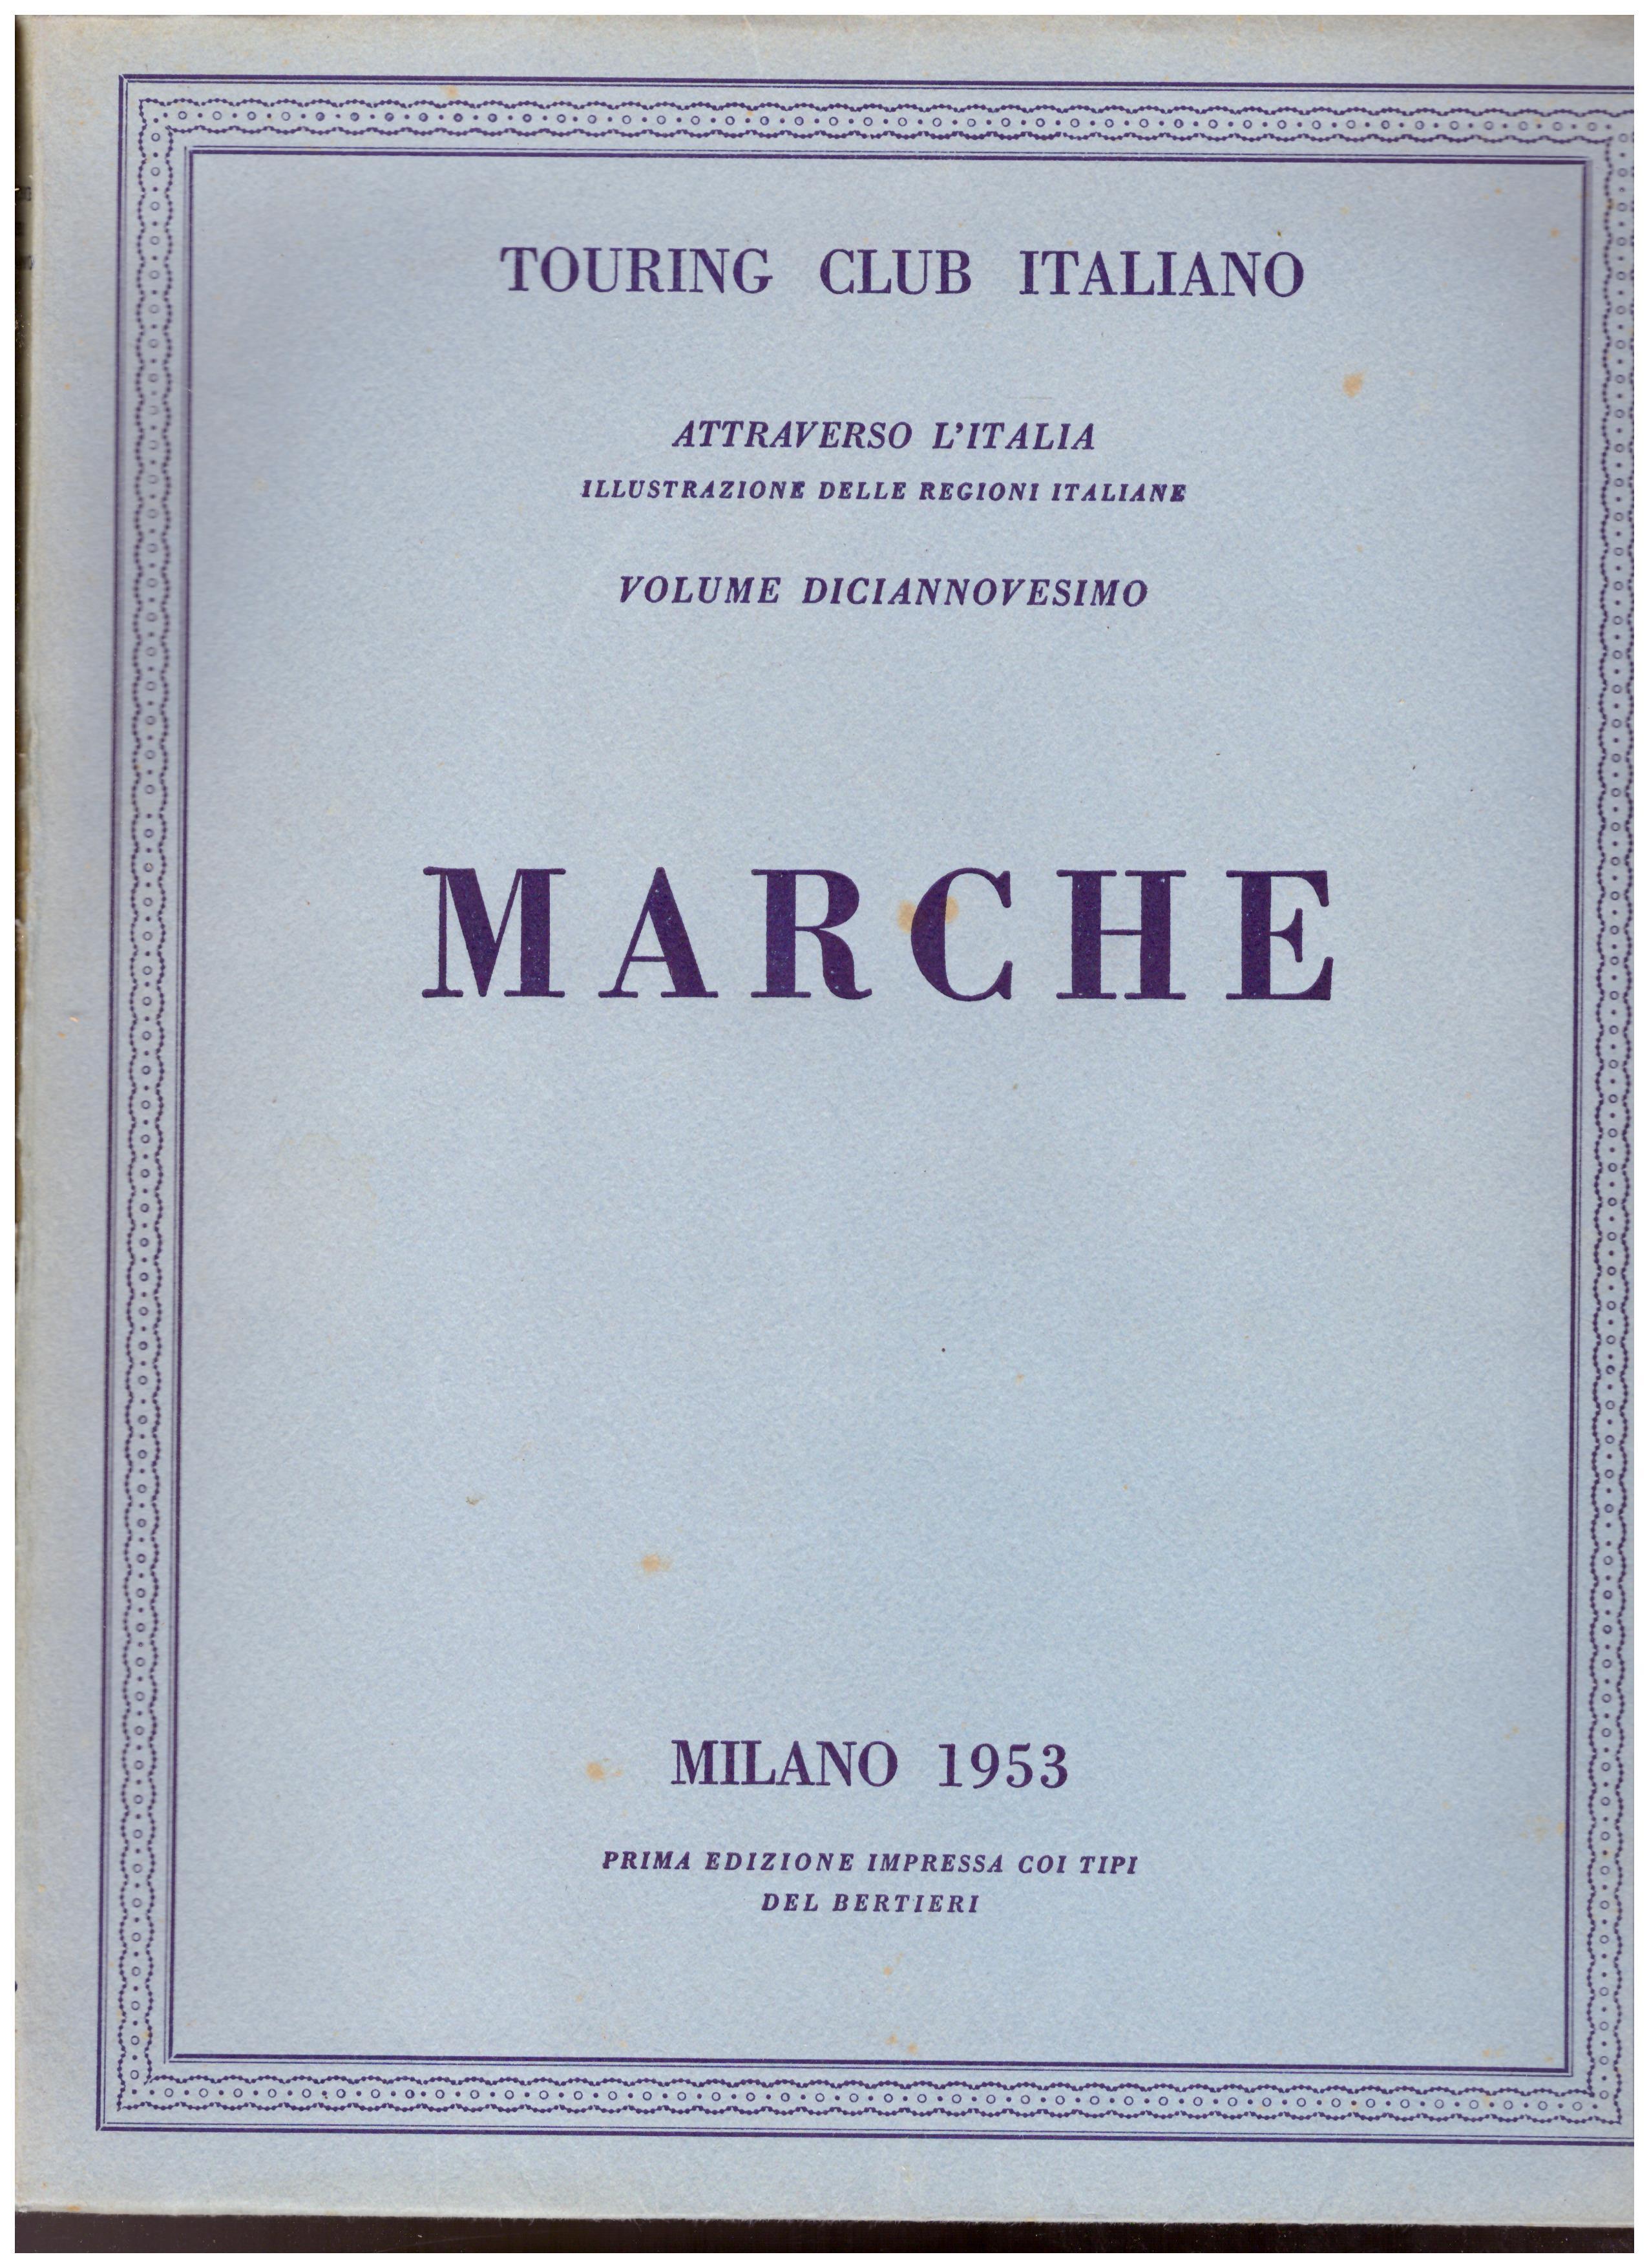 Titolo: Marche Autore: AA.VV. Editore: Touring Club italiano, Milano 1953